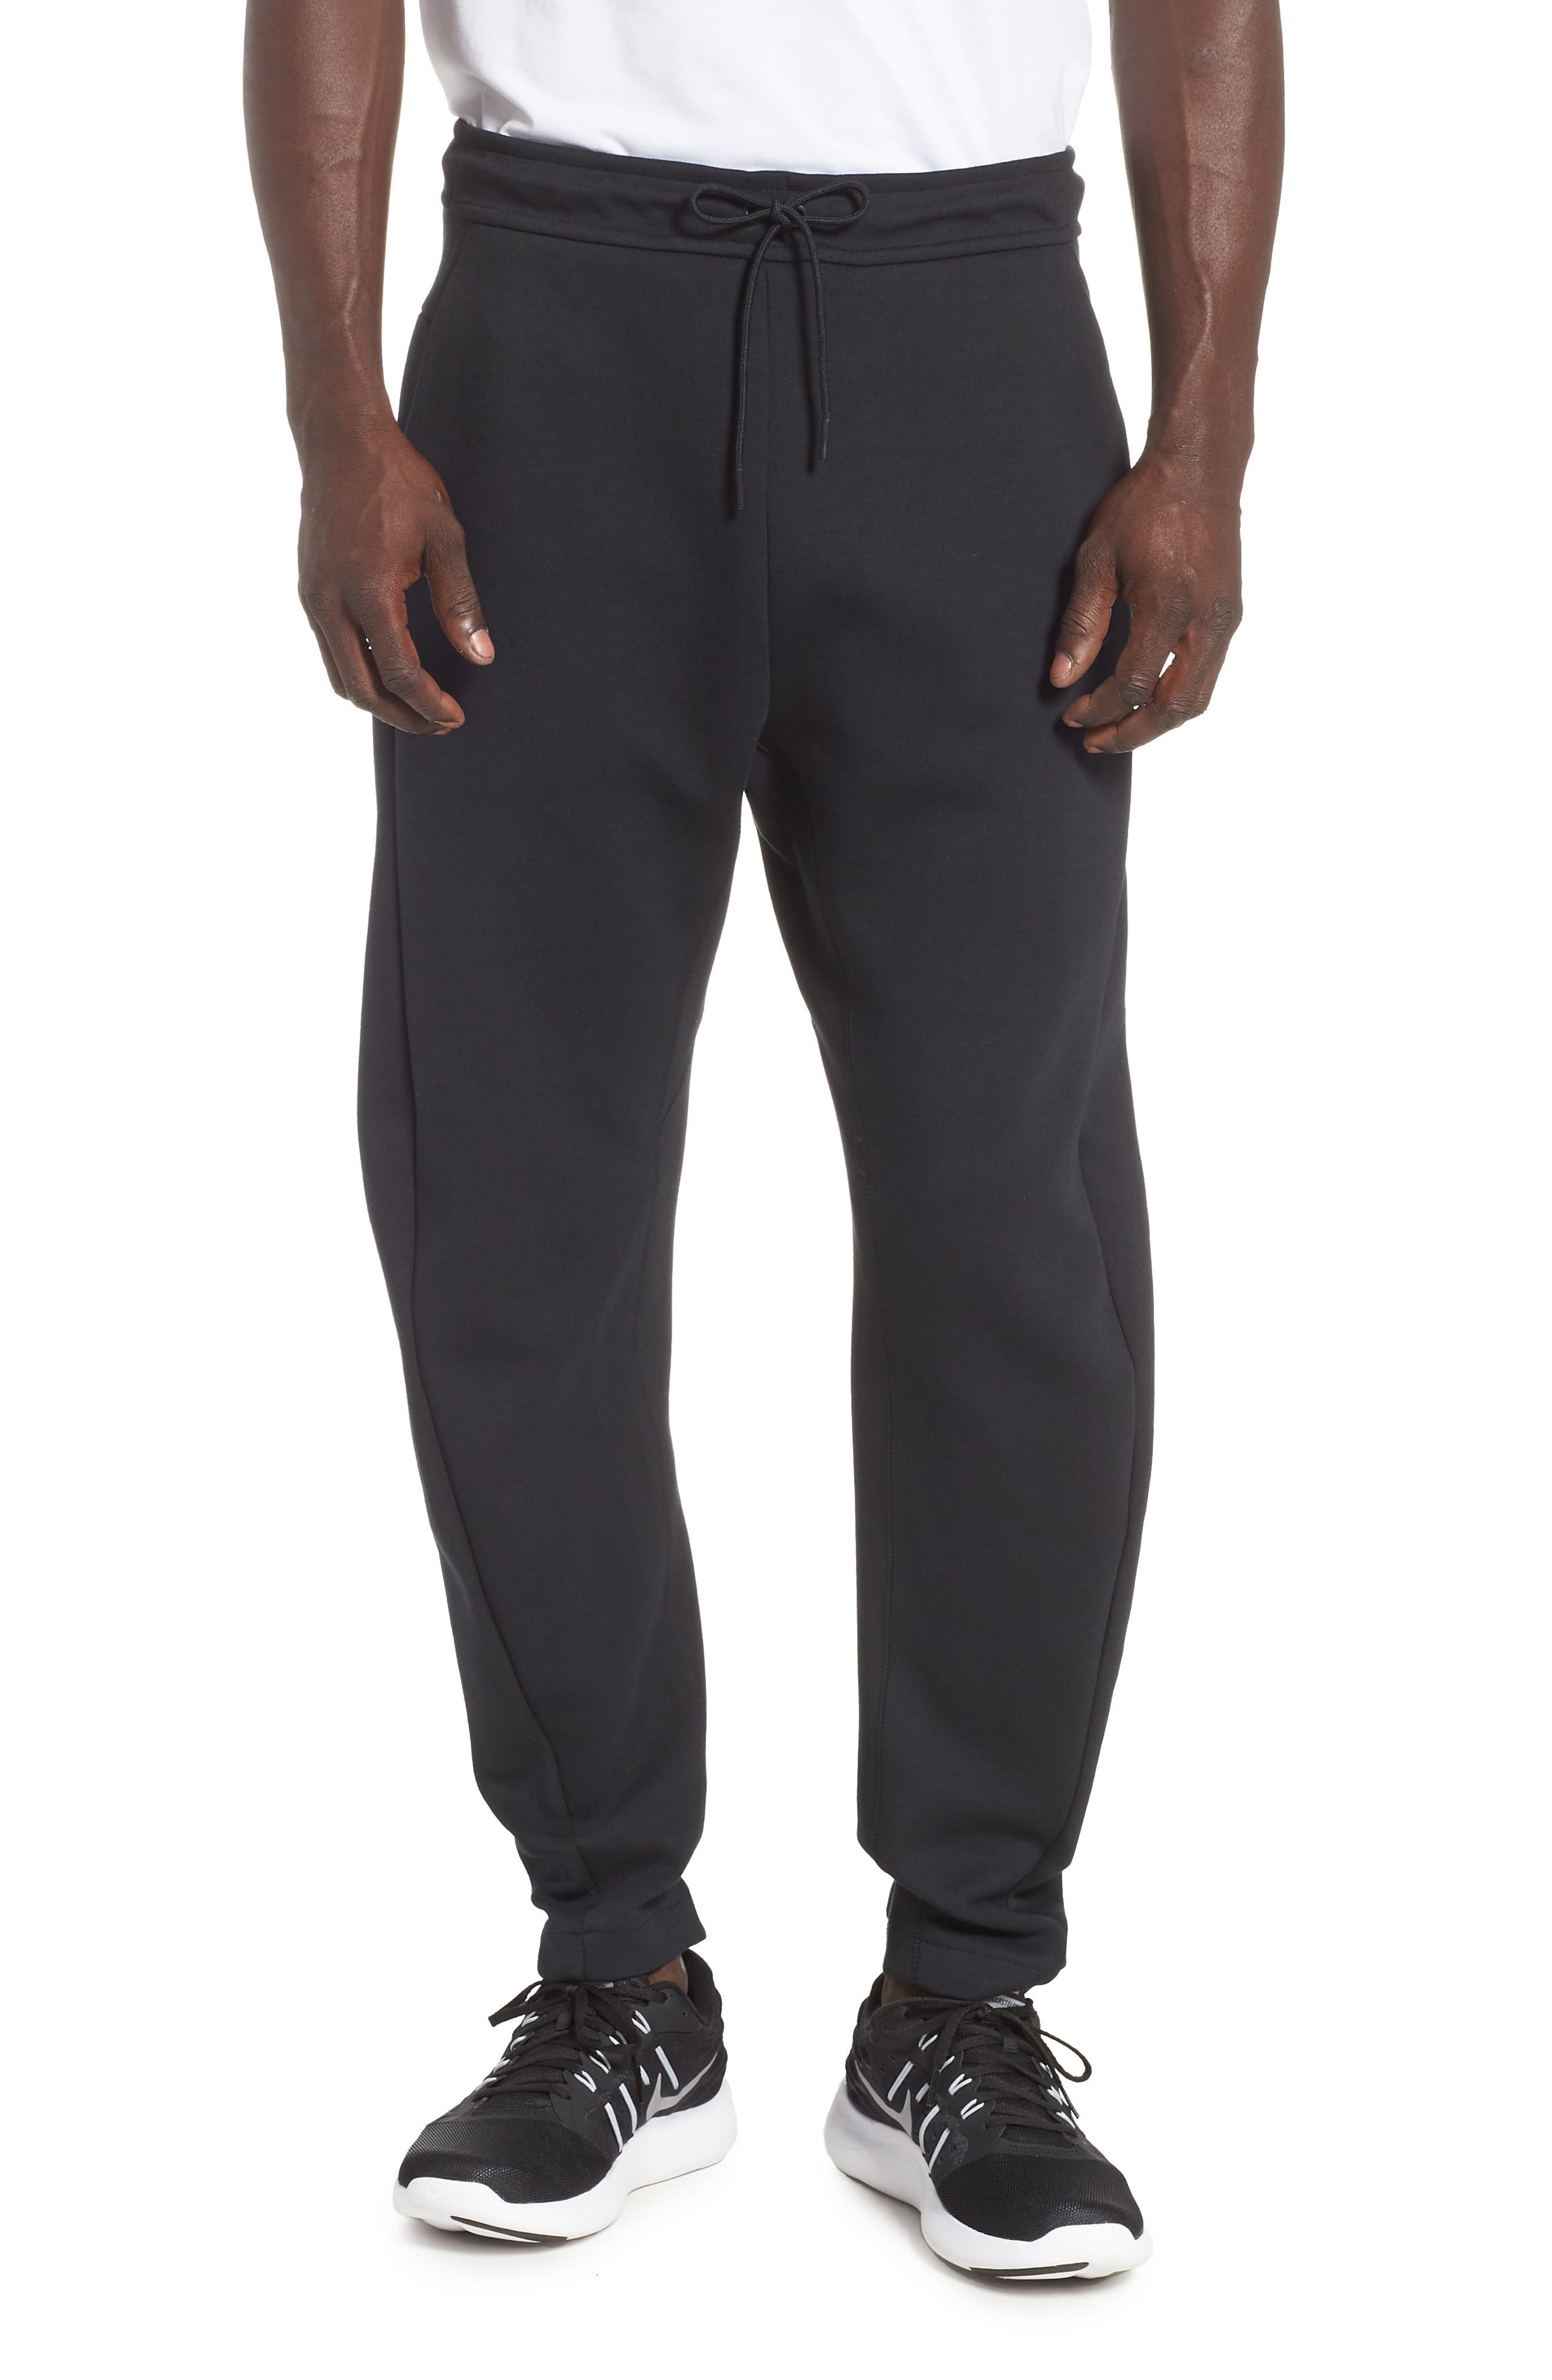 Tech Fleece Pants,                             Main thumbnail 1, color,                             BLACK/ BLACK